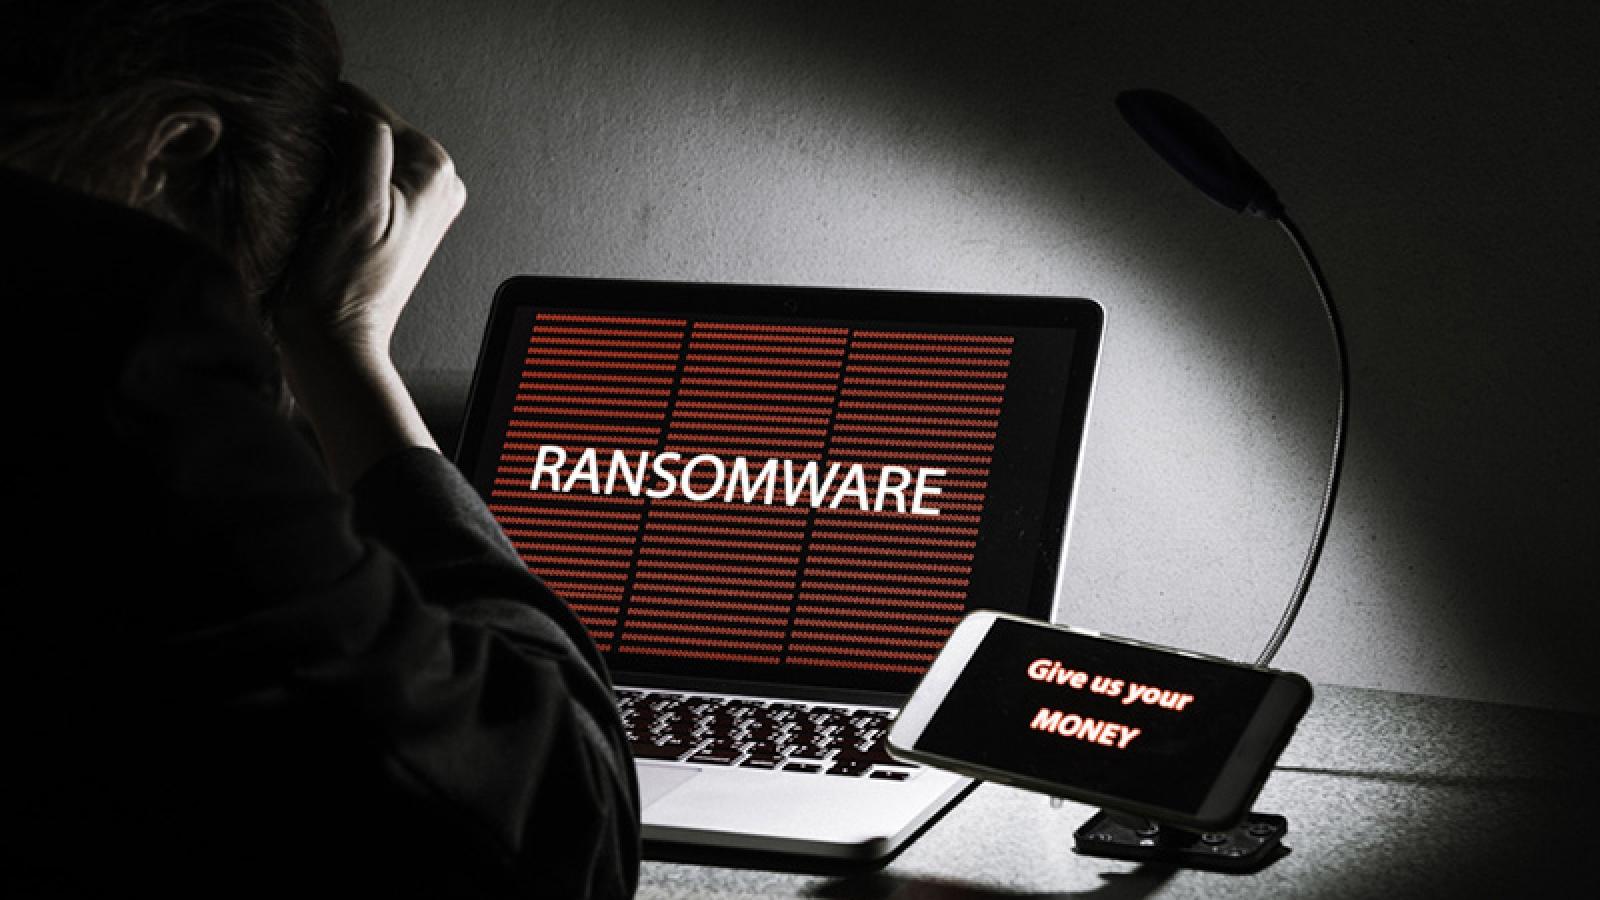 Apple trở thành nạn nhân bất đắc dĩ của cuộc tấn công ransomware đòi tiền chuộc khủng